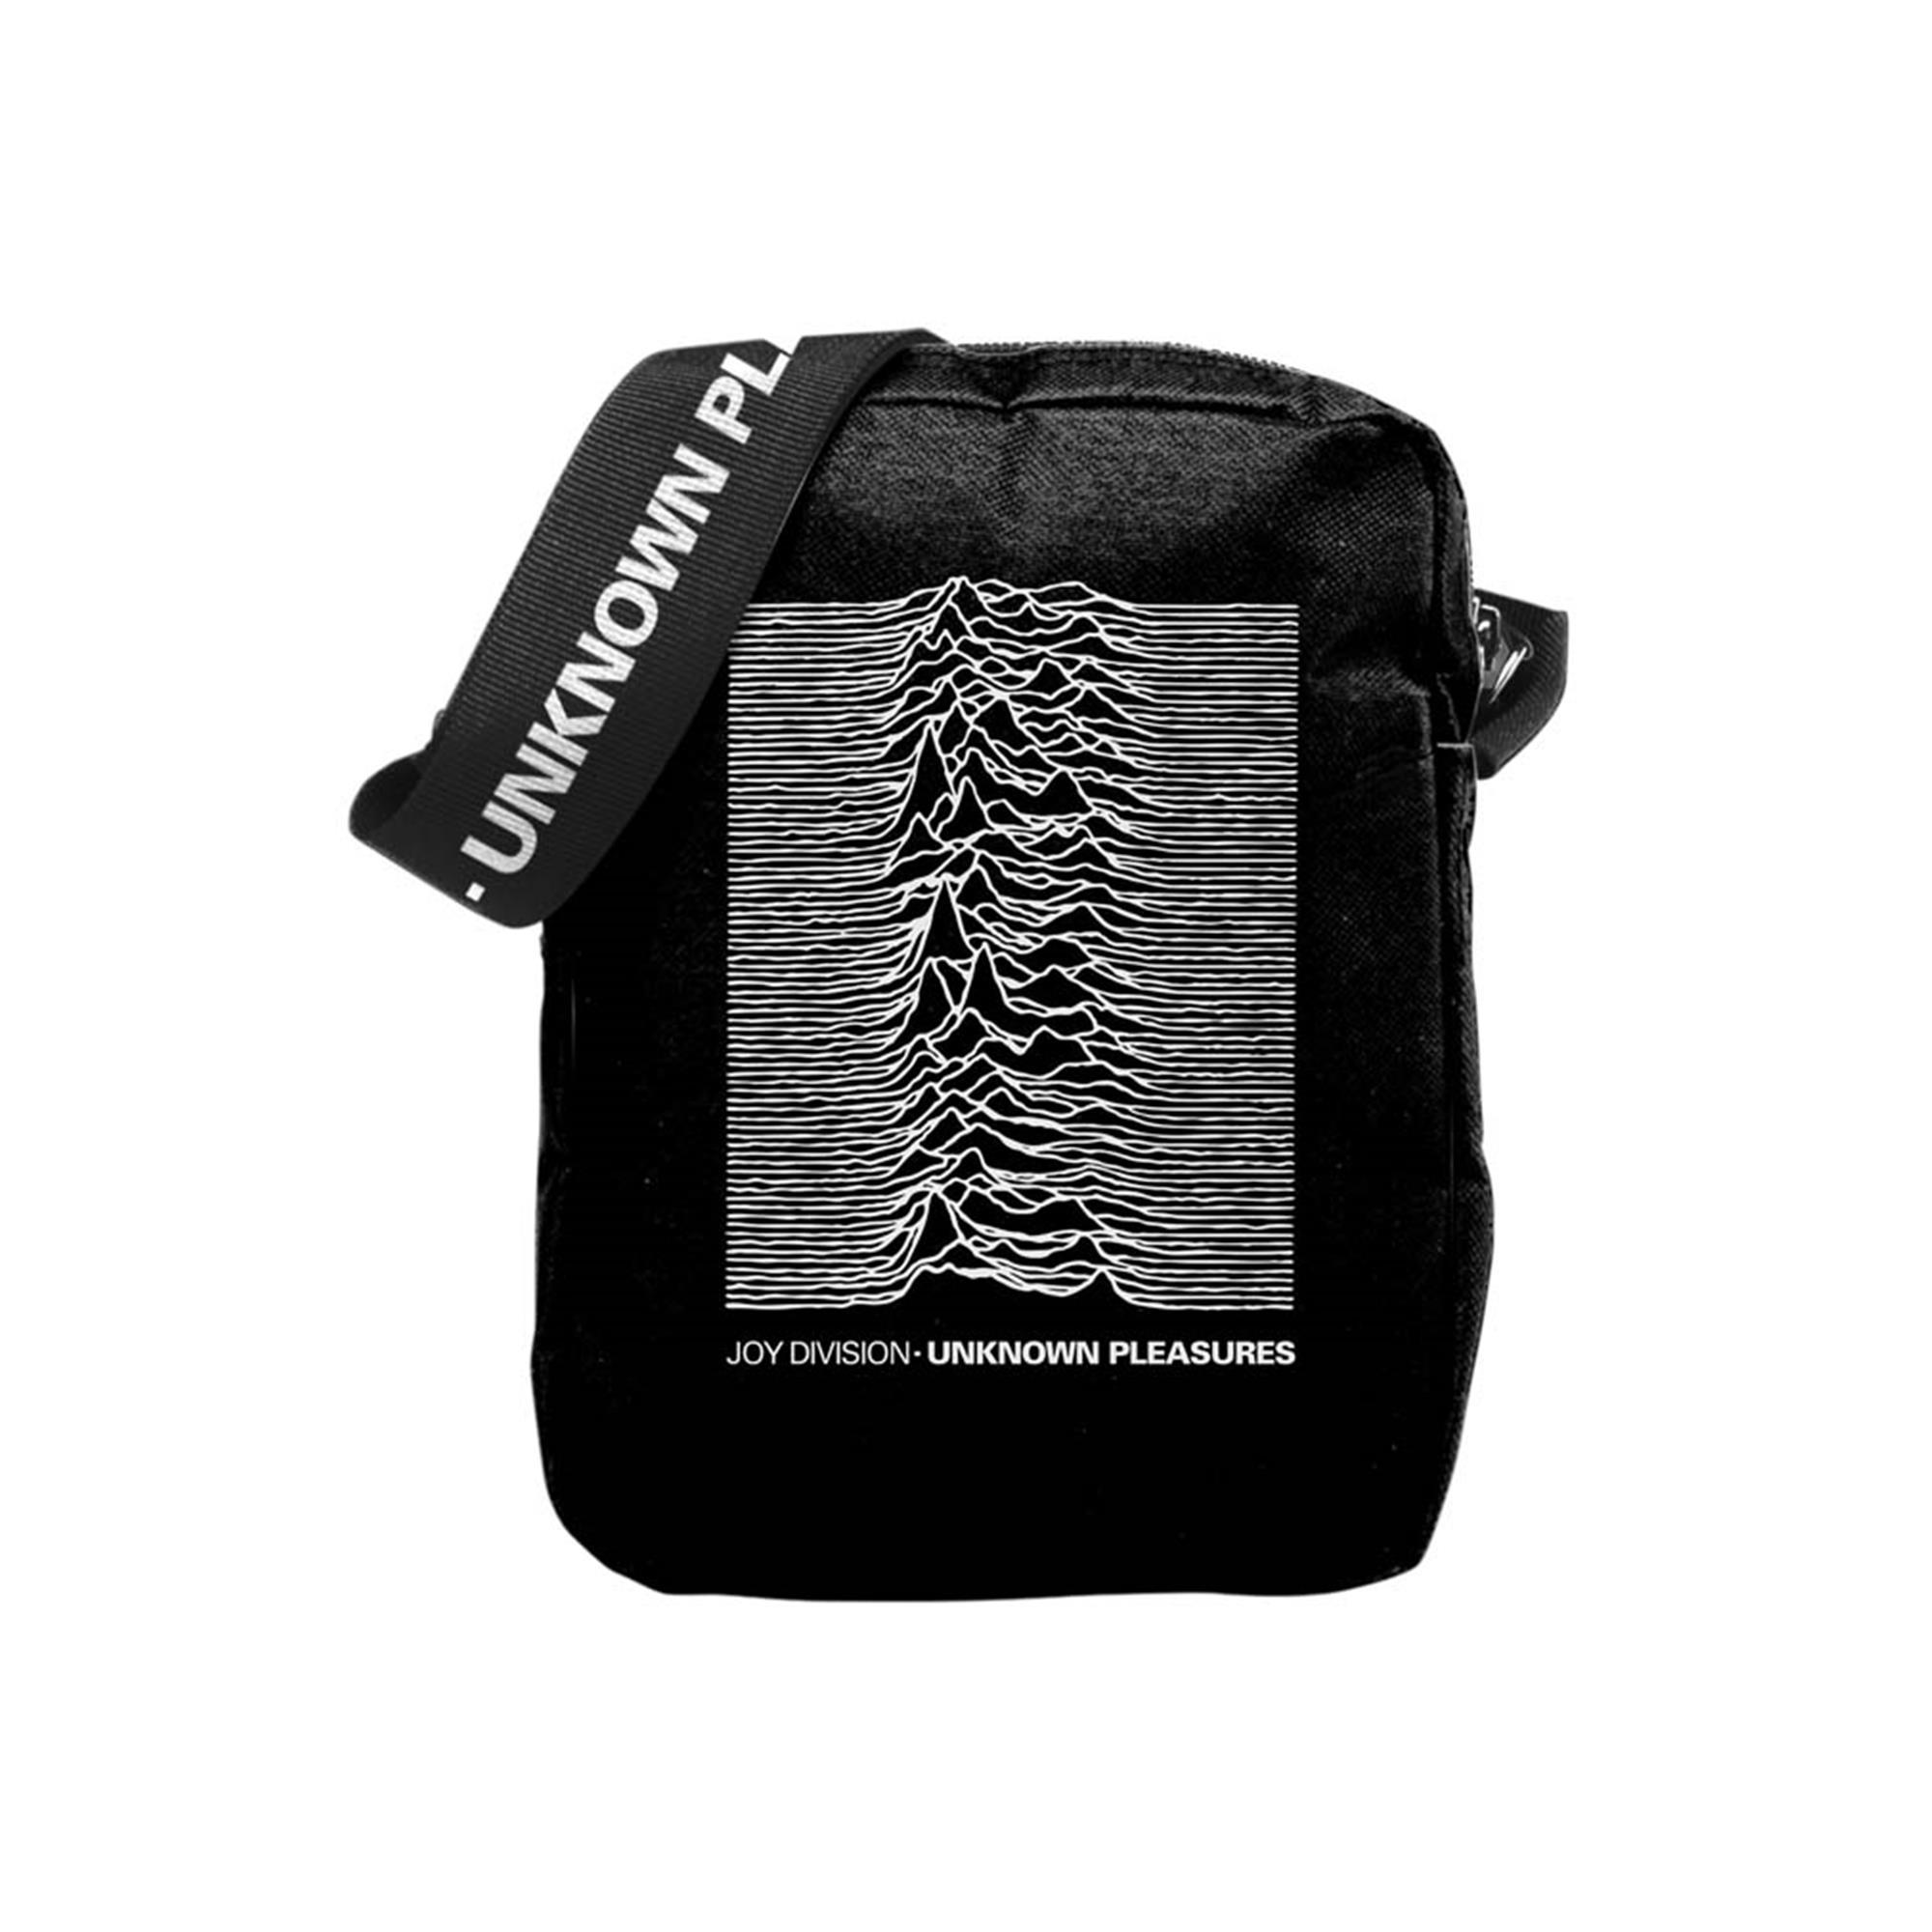 Joy Division Unknown Pleasures Crossbody Bag